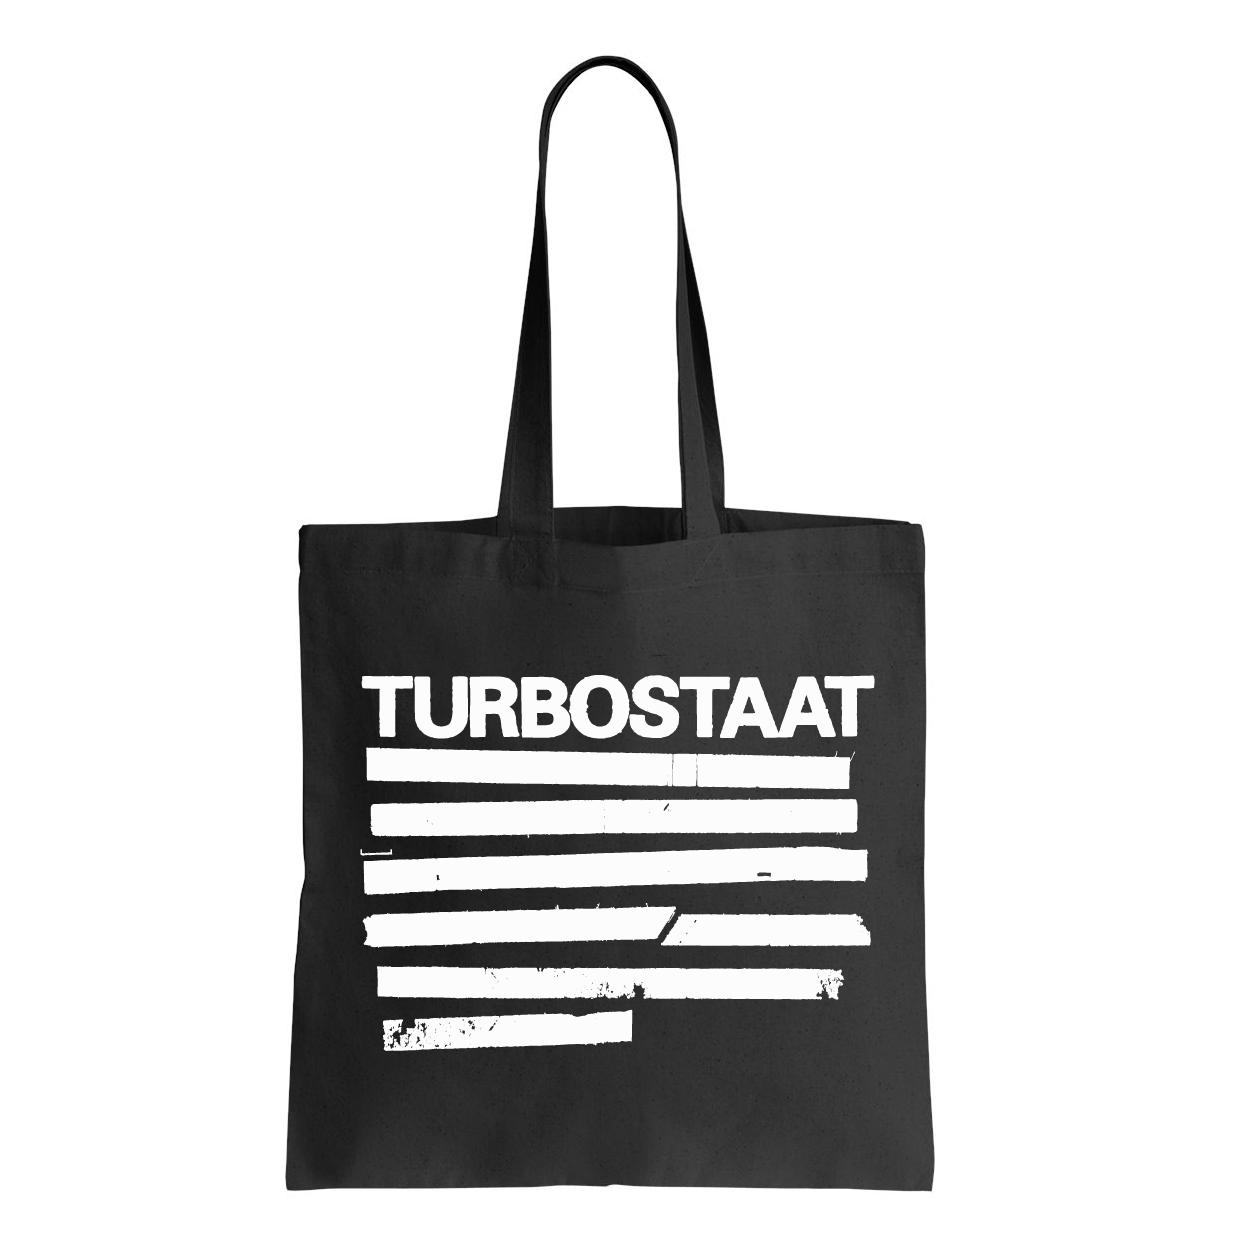 Turbostaat Balken Beutel Bag, black